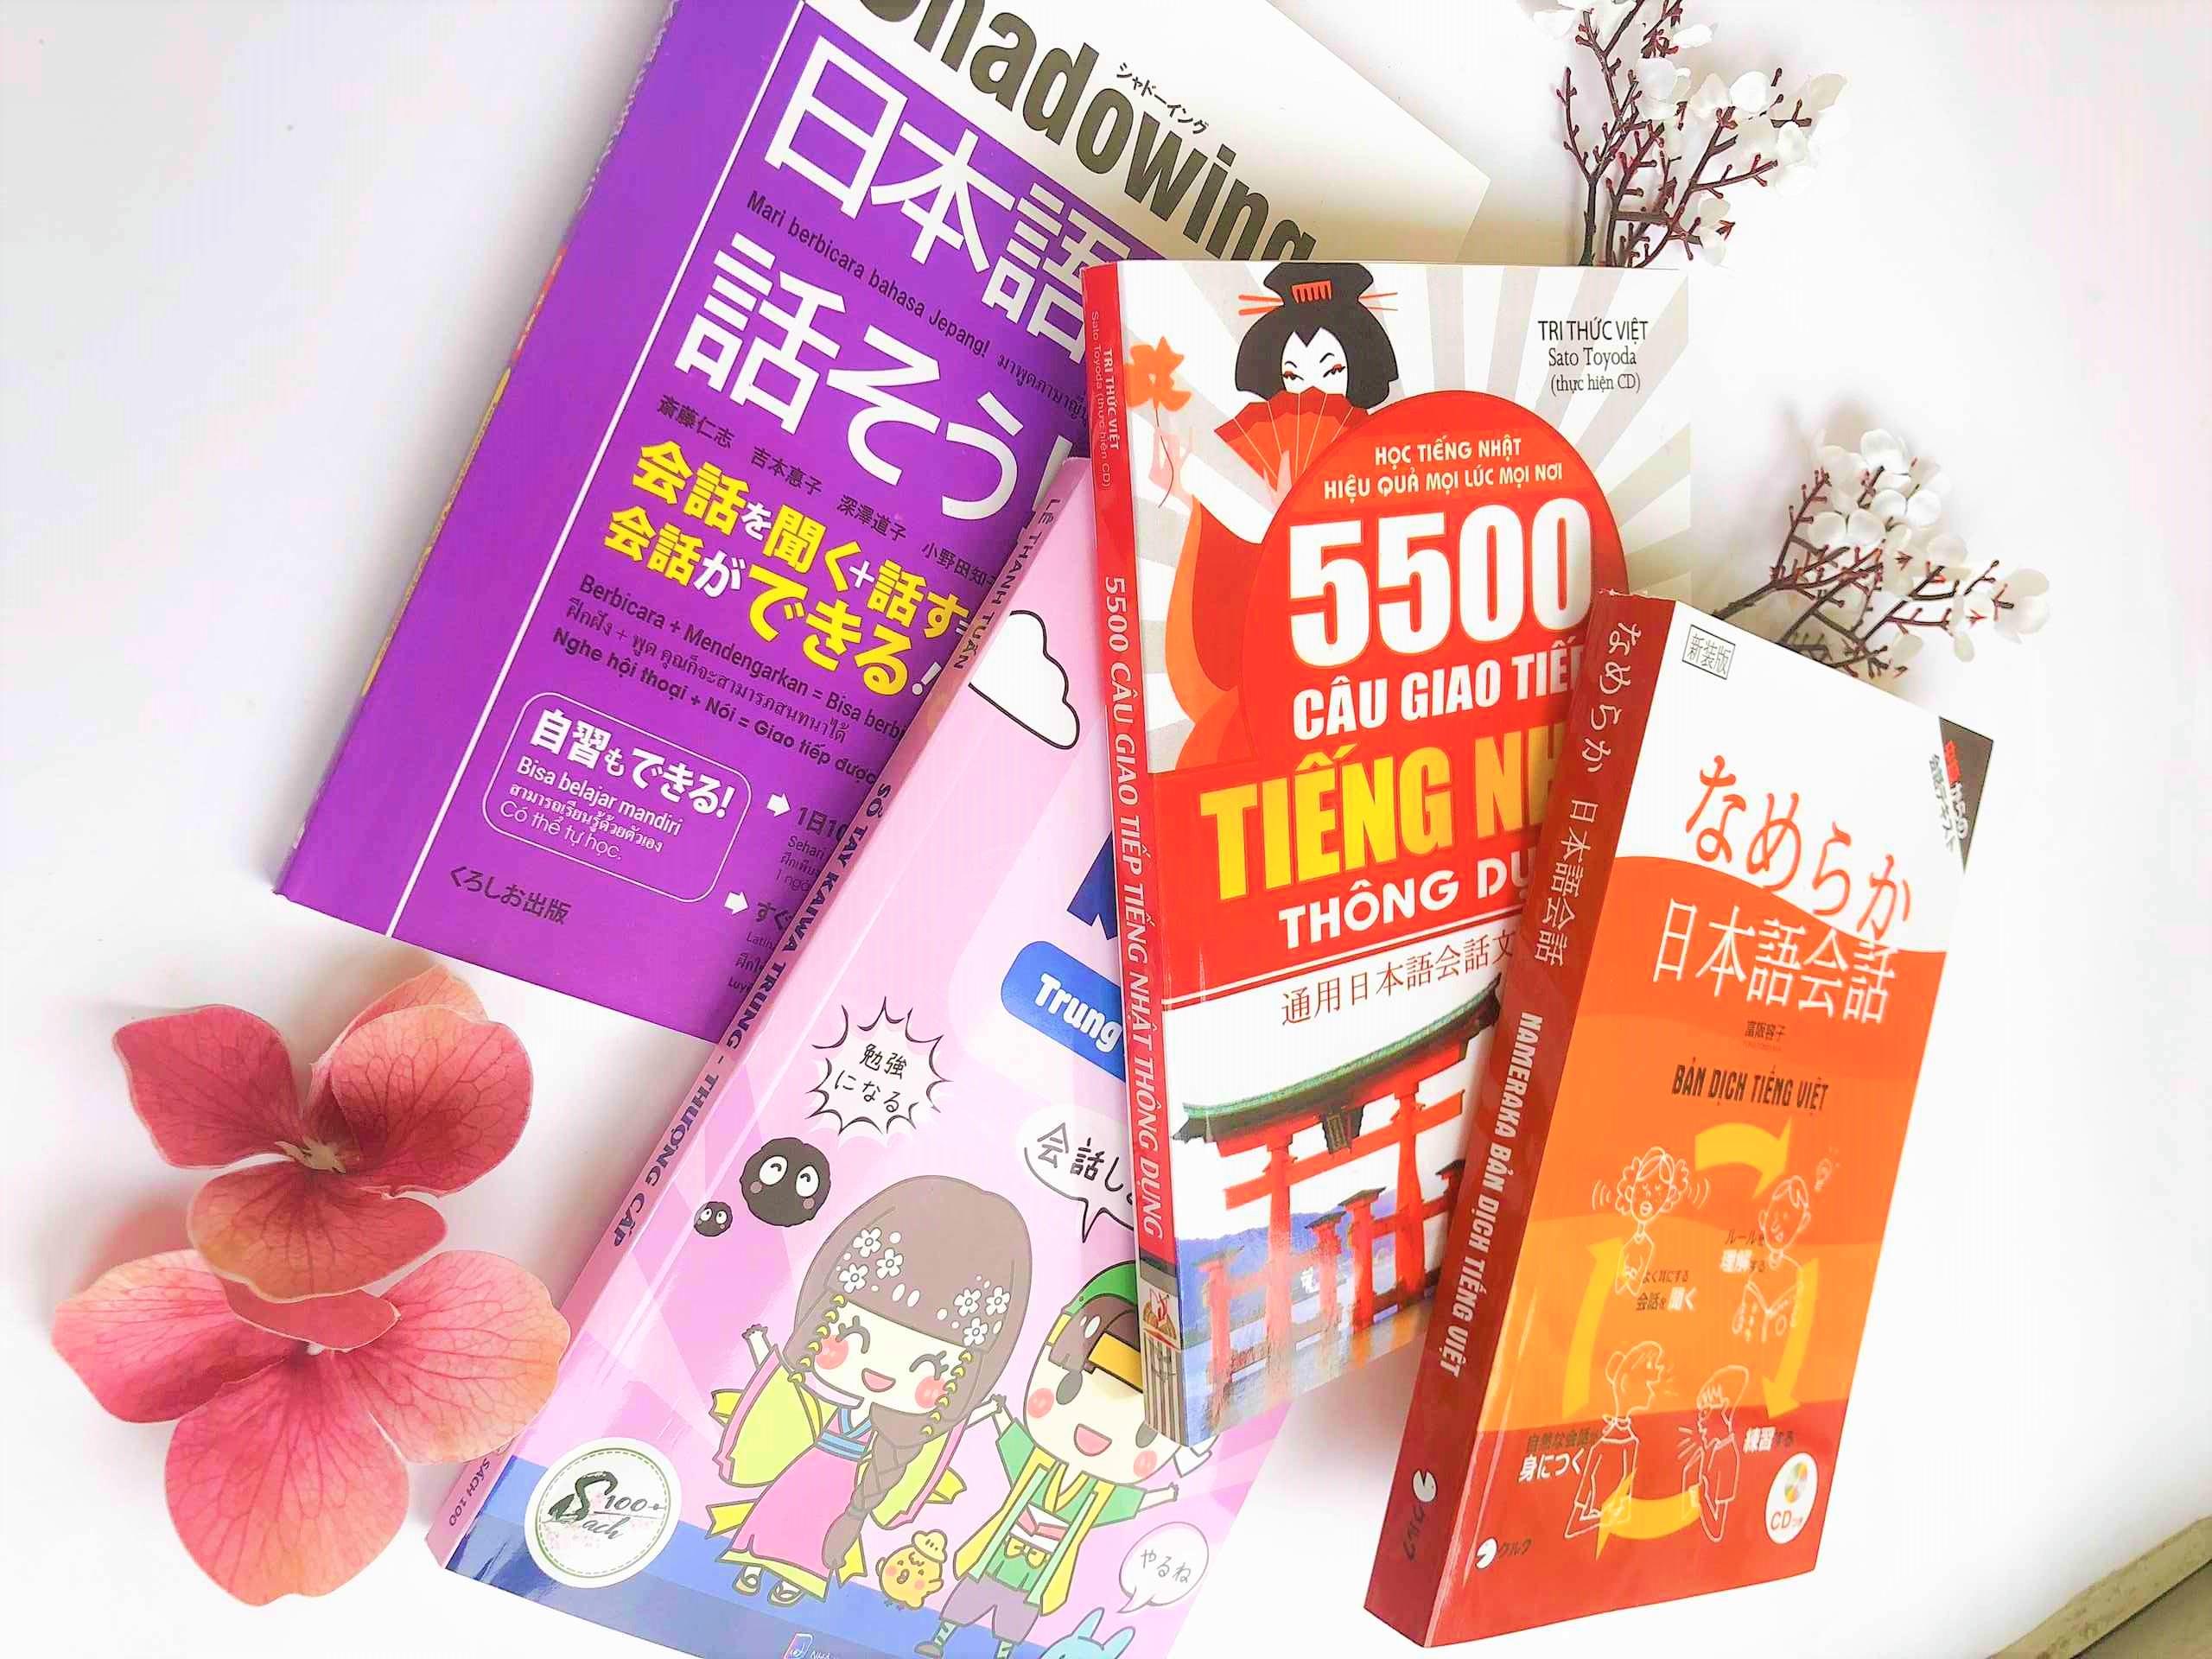 Combo Kaiwa Thực chiến Sổ tay Kaiwa trung thượng cấp + Namekara Nihongo Kaiwa + Shadowing tiếng Nhật sơ trung cấp + 5500 câu giao tiếp tiếng Nhật thông dụng